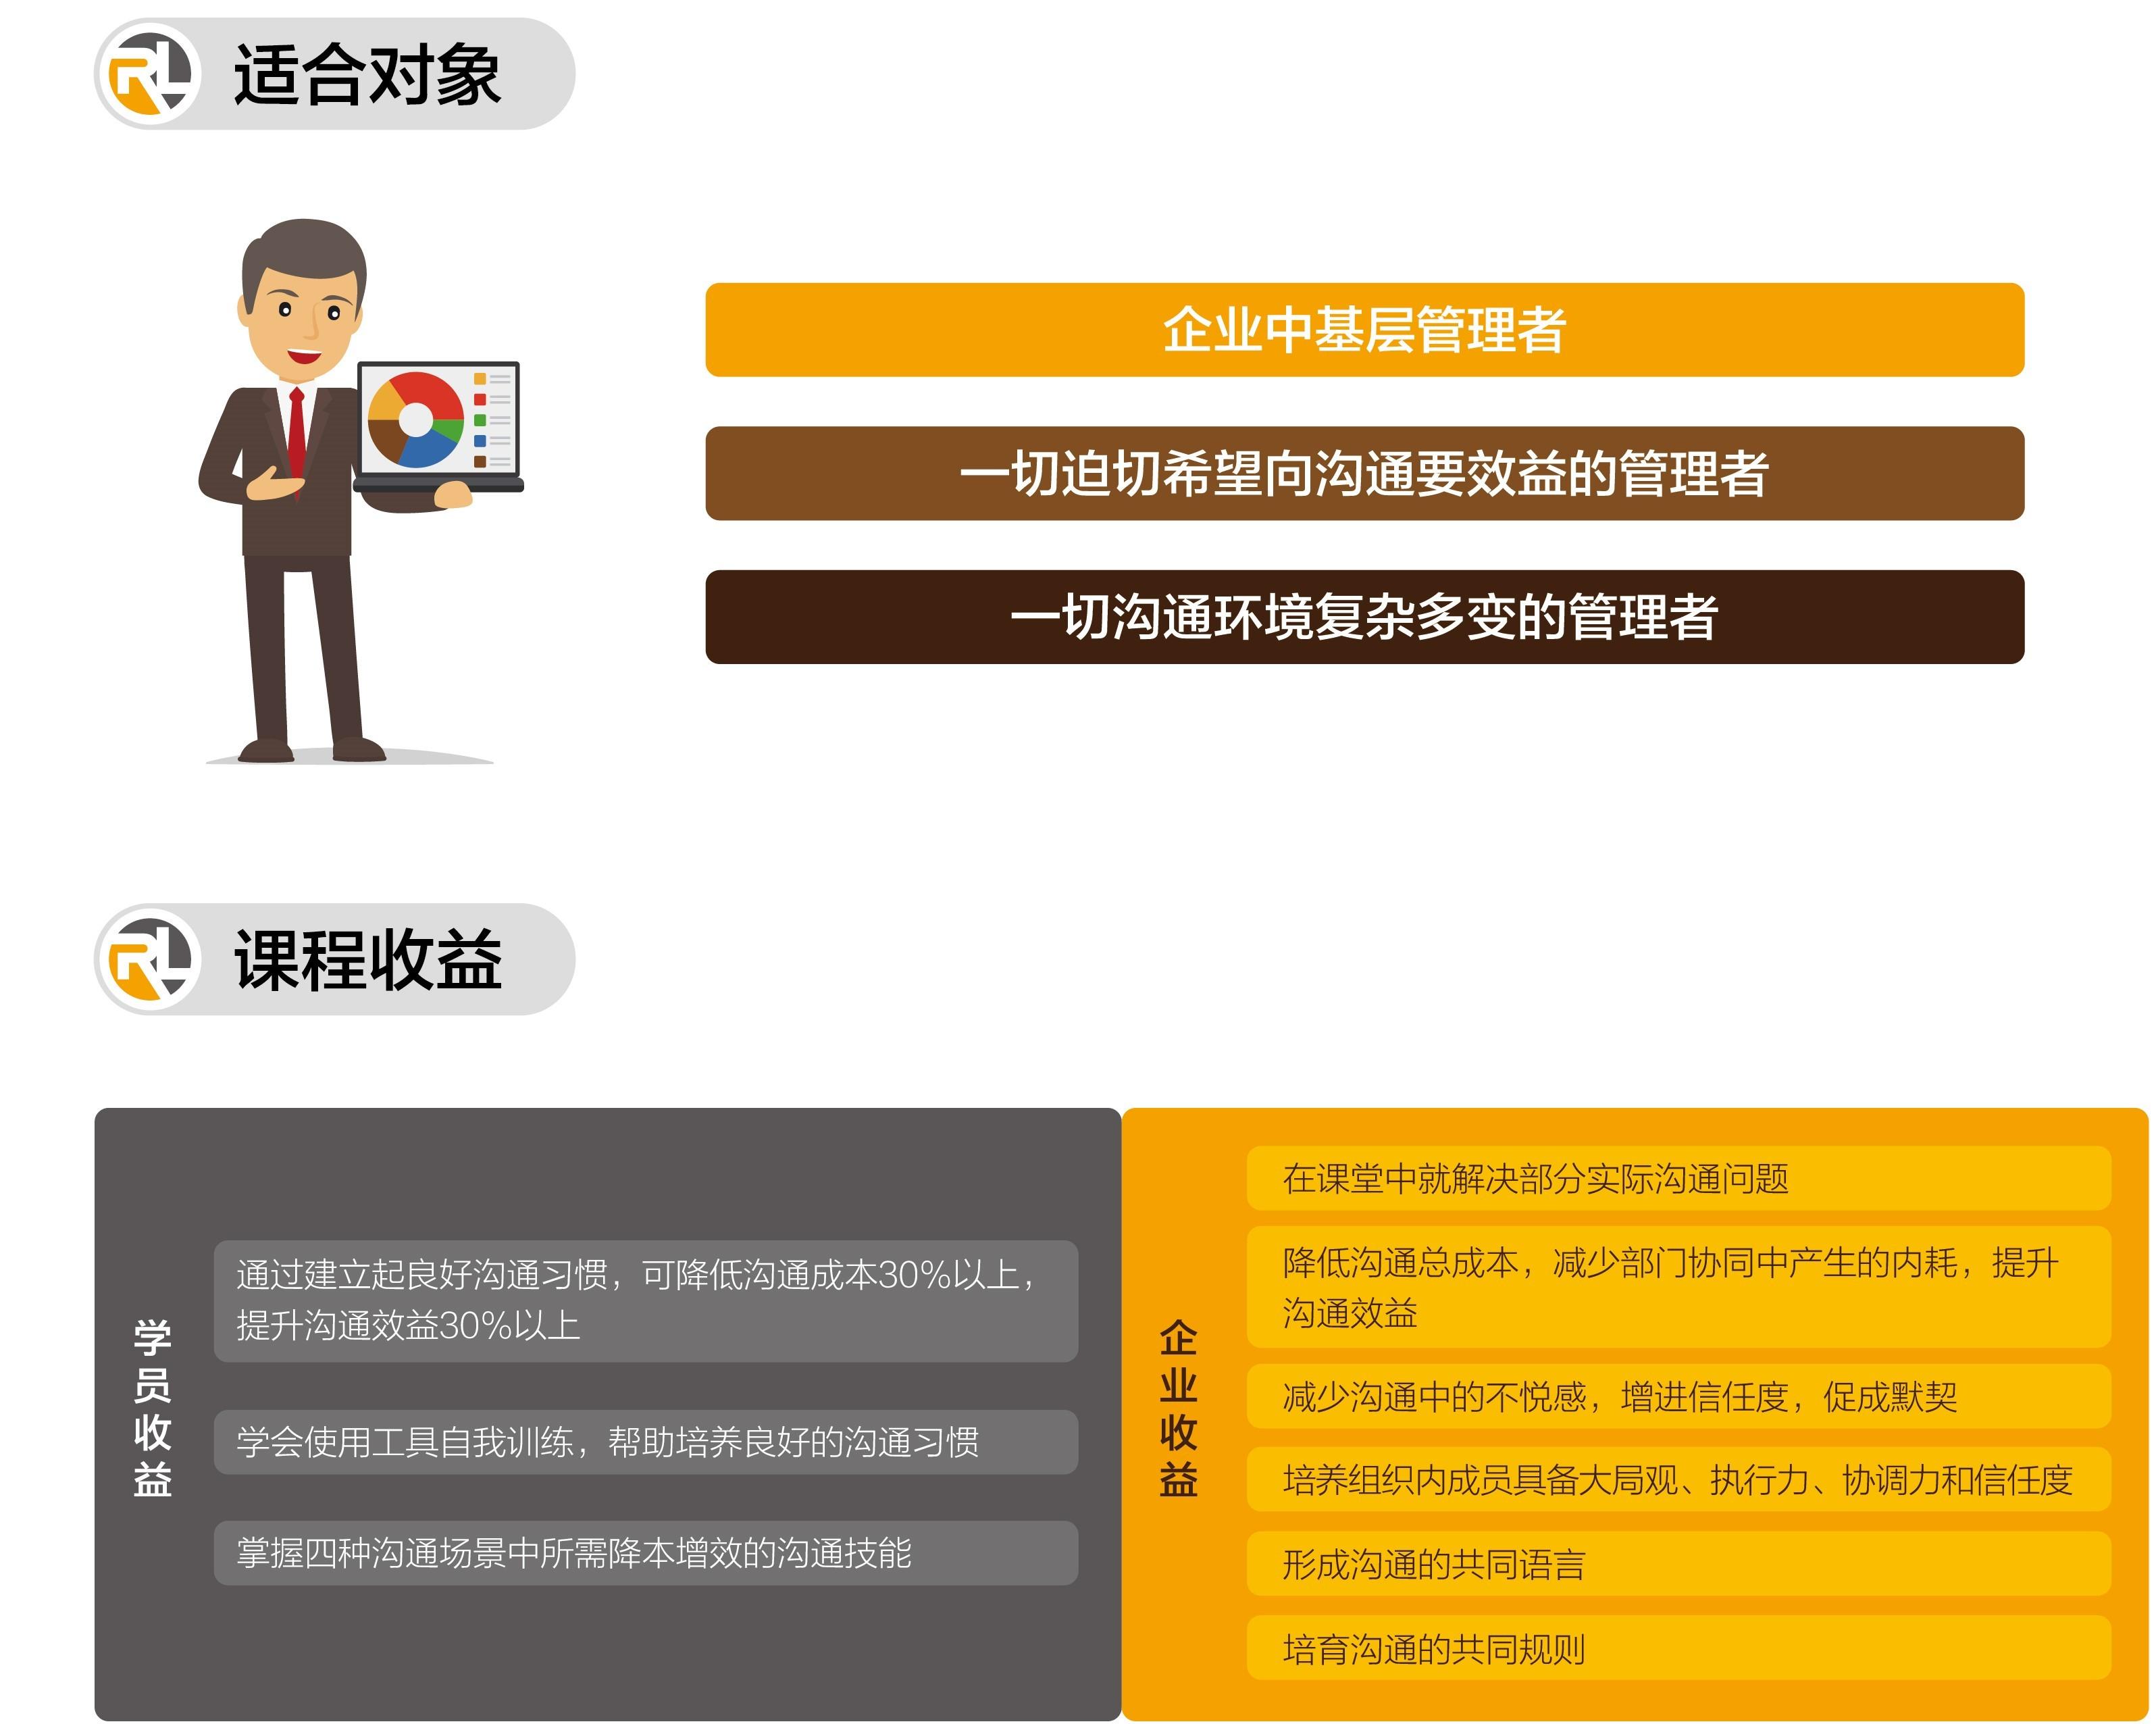 管理者高效沟通 - 收益.jpg